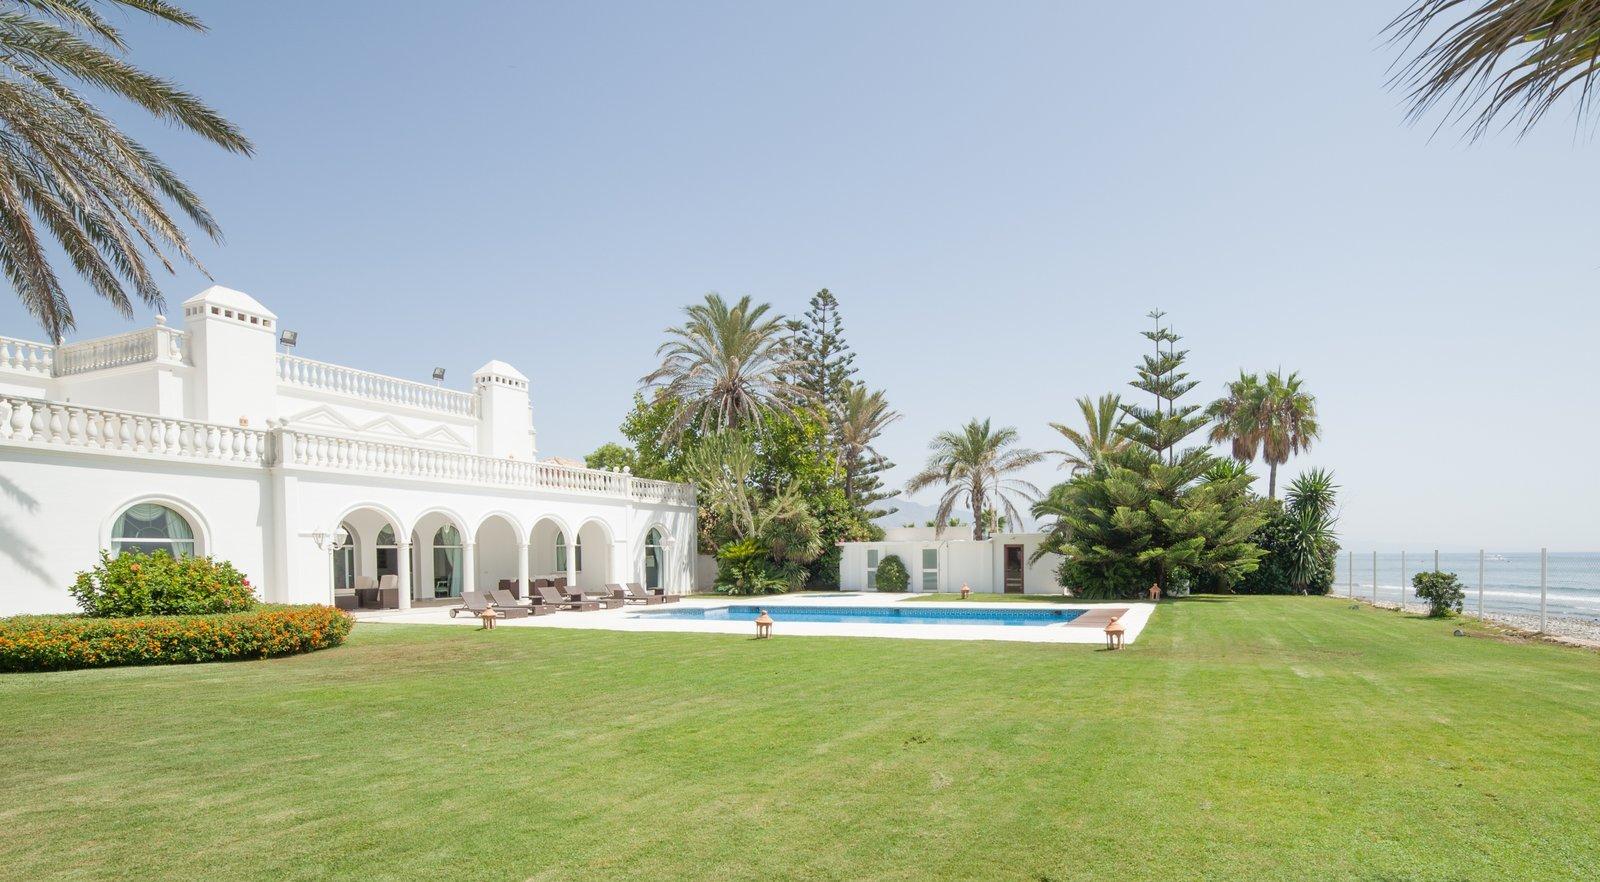 Spain Welcomes Emiratis